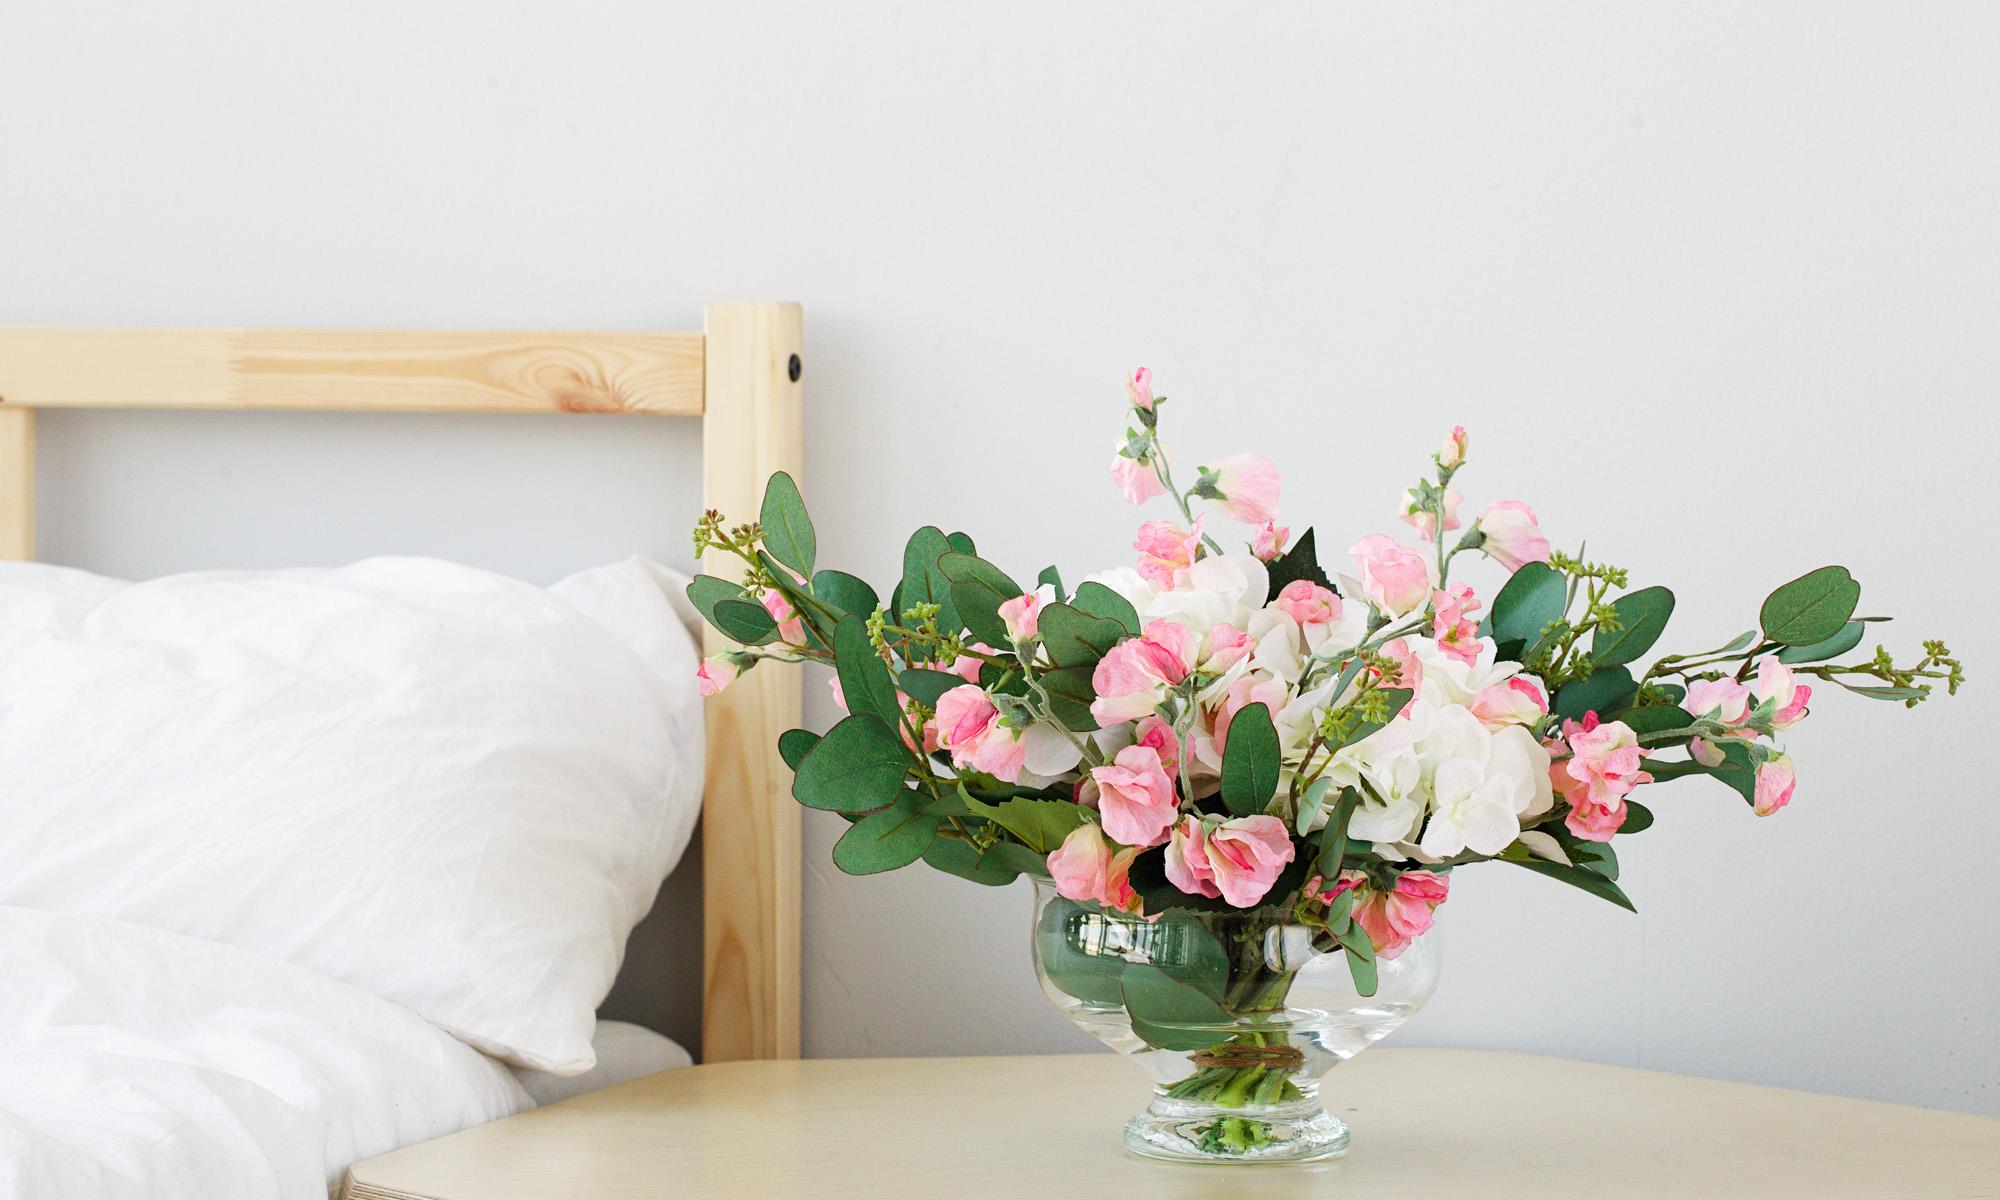 Композиция из искусственных цветов - белая гортензия, горошек, зелень эвкалипта